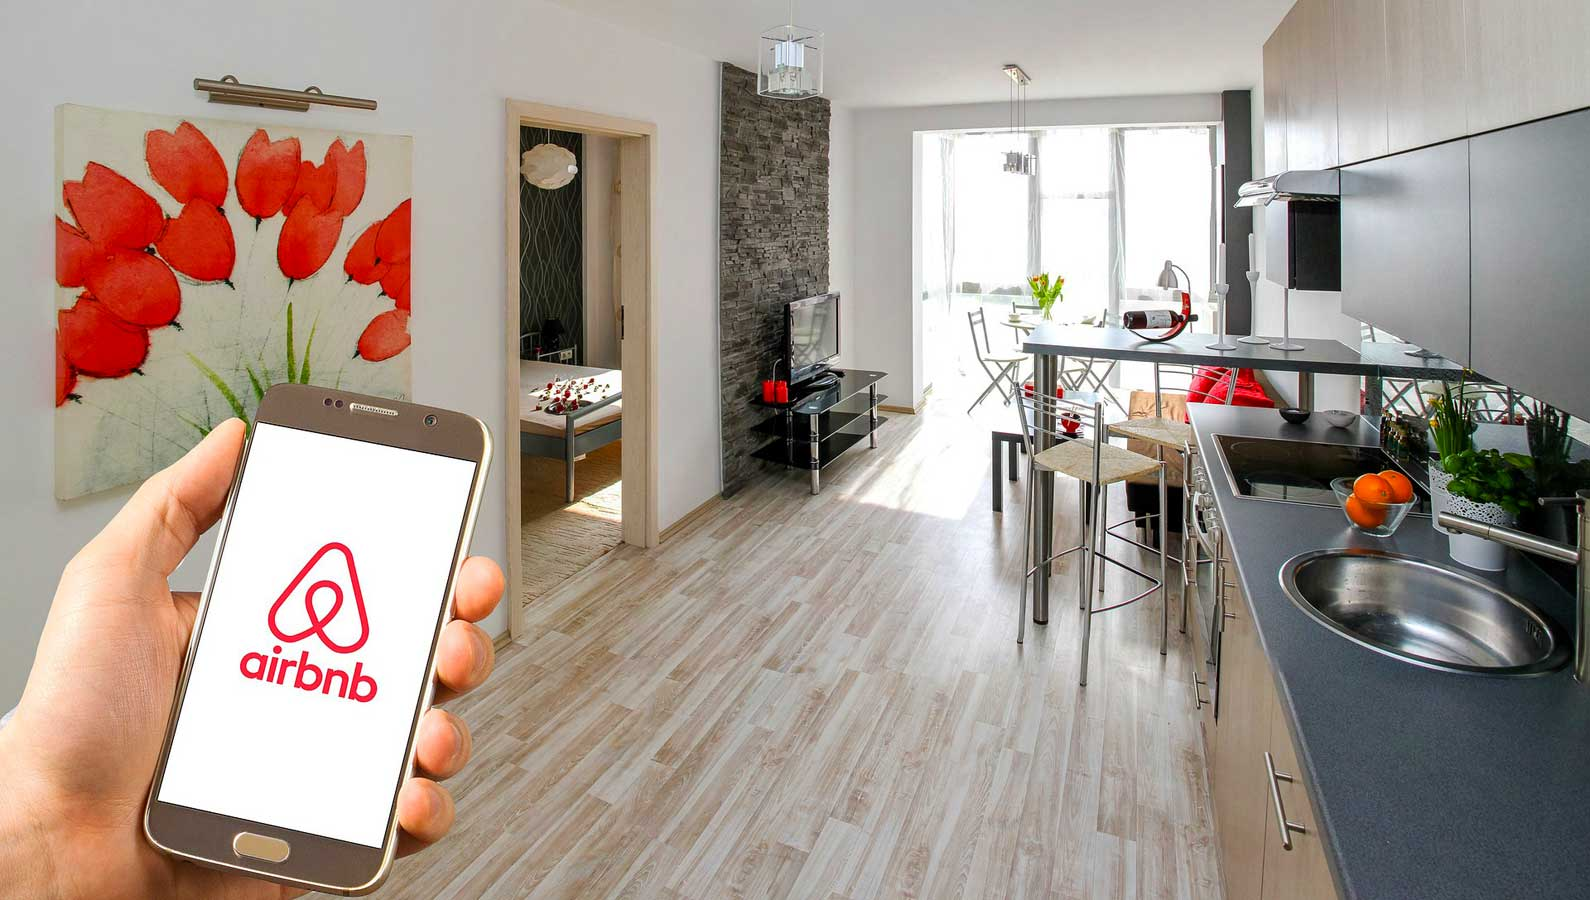 Khóa cửa Airbnb là gì?